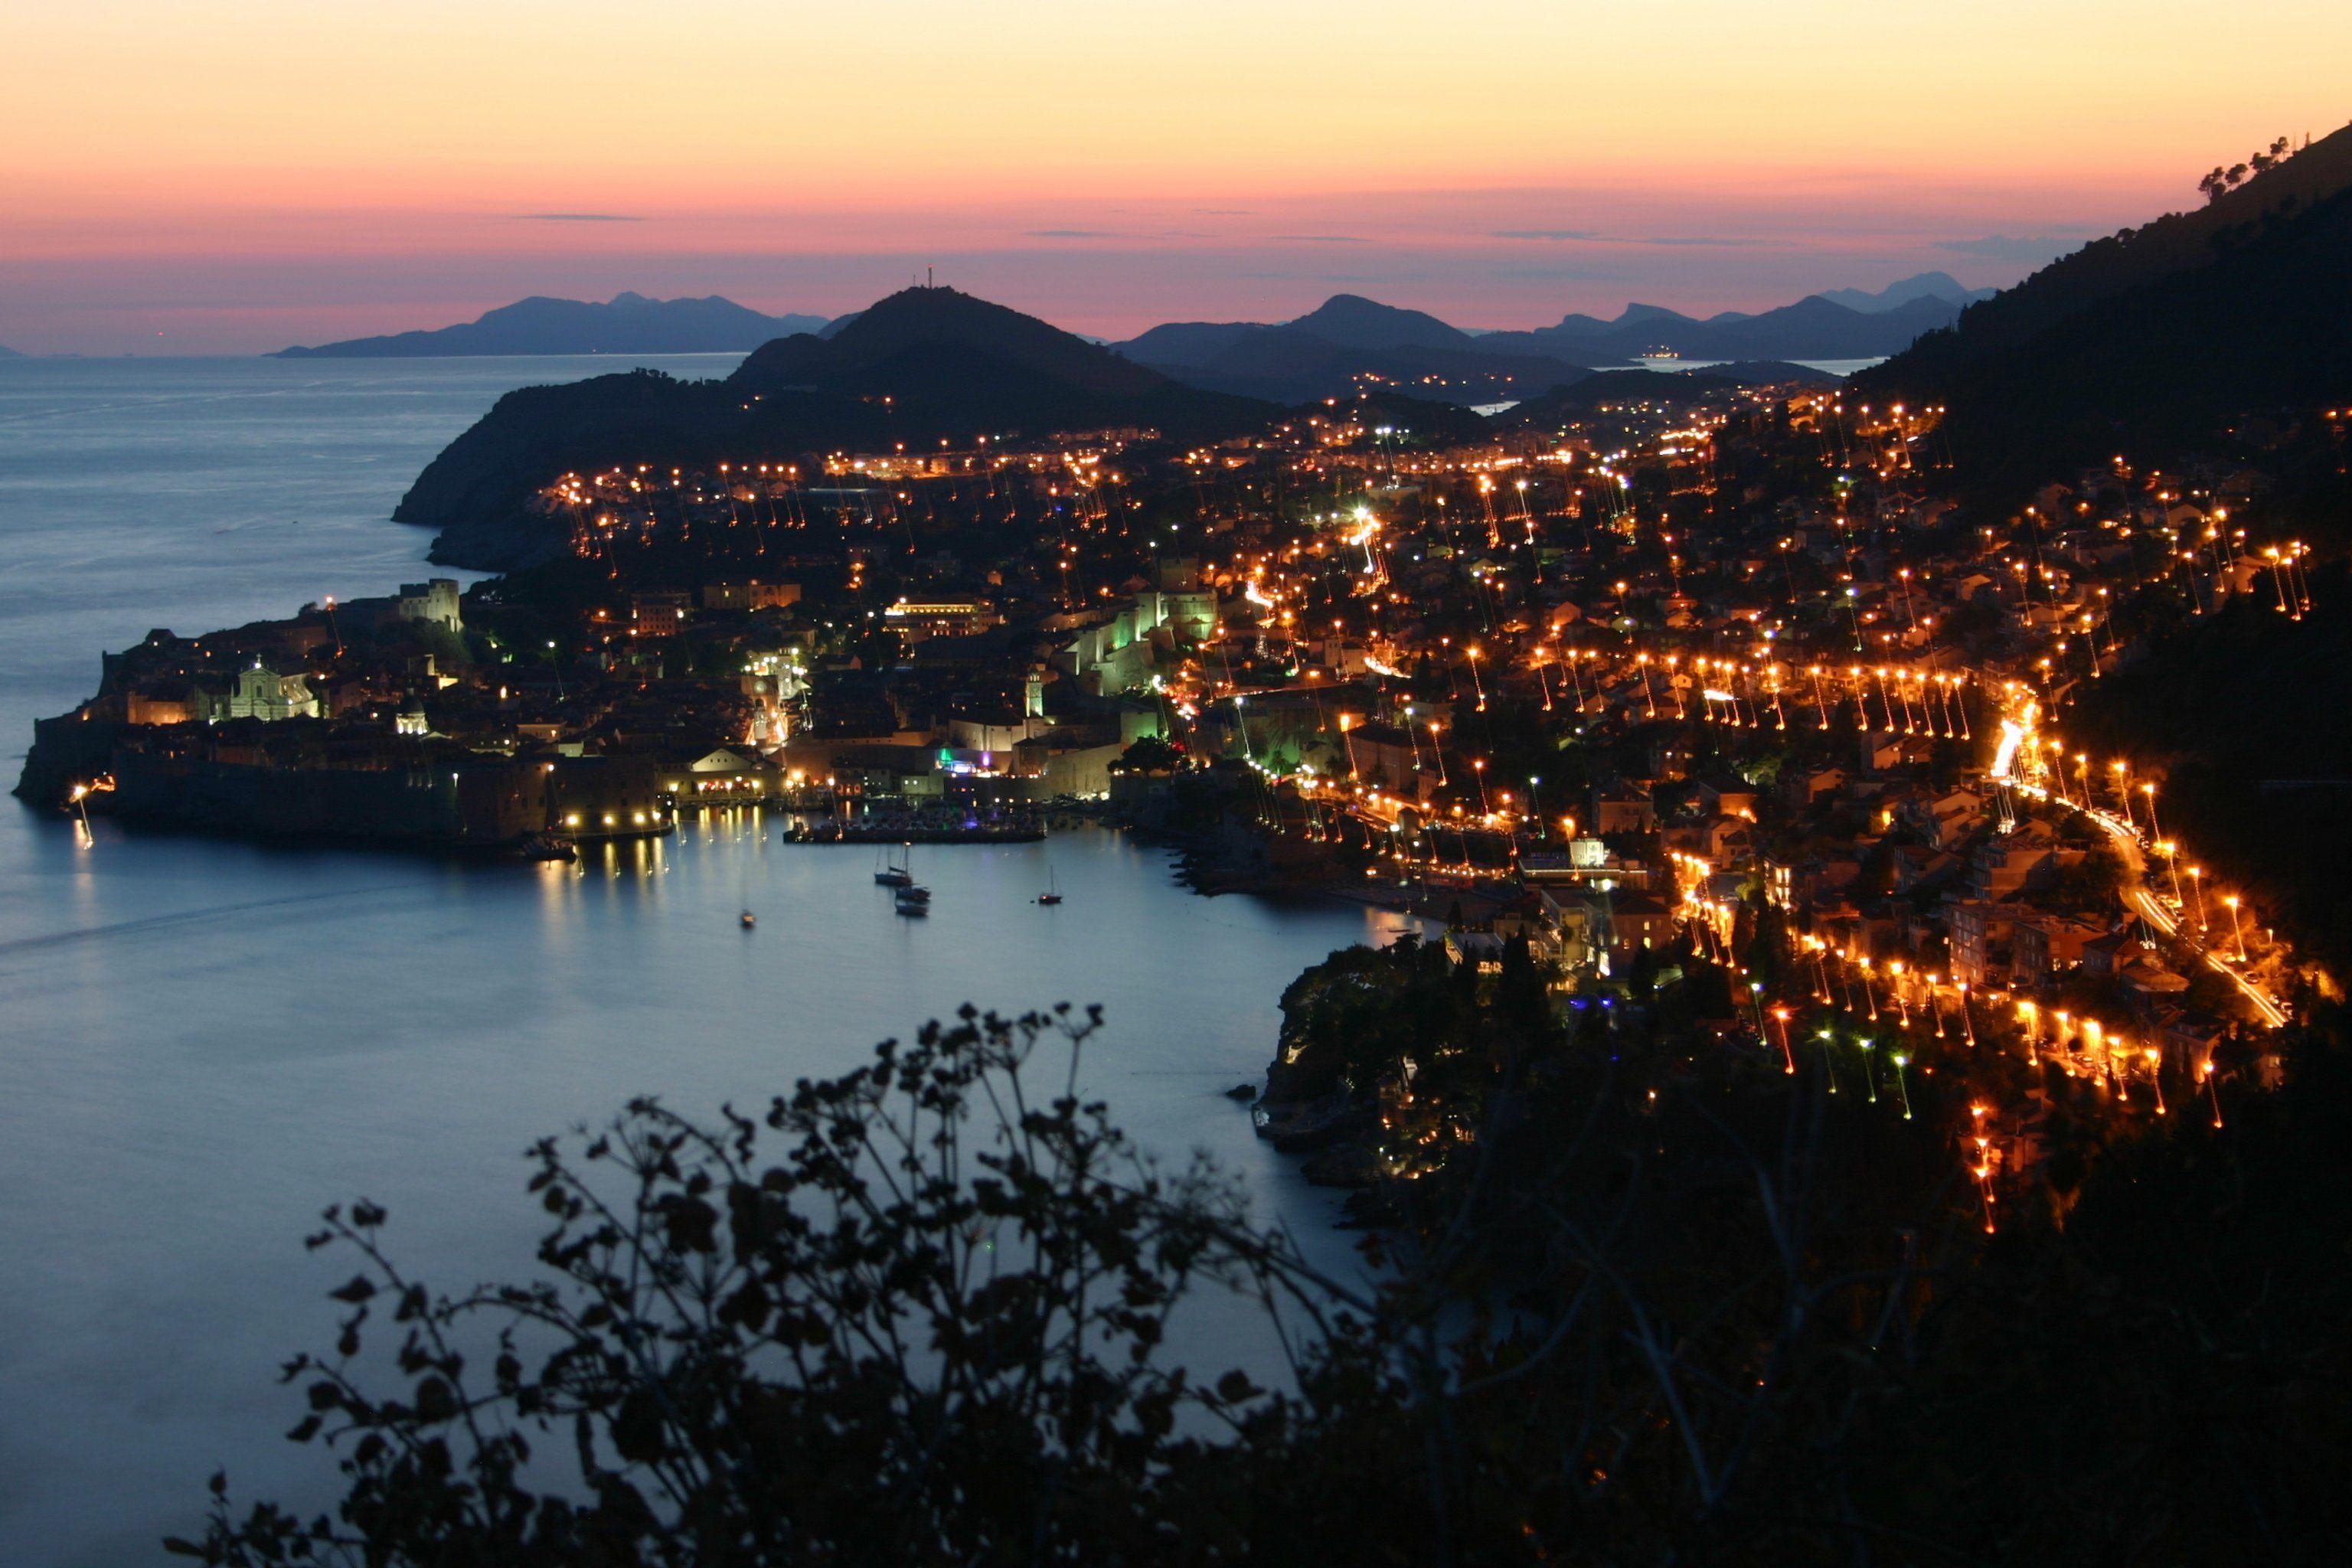 Dubrovnik_by_night.JPG (3072×2048)